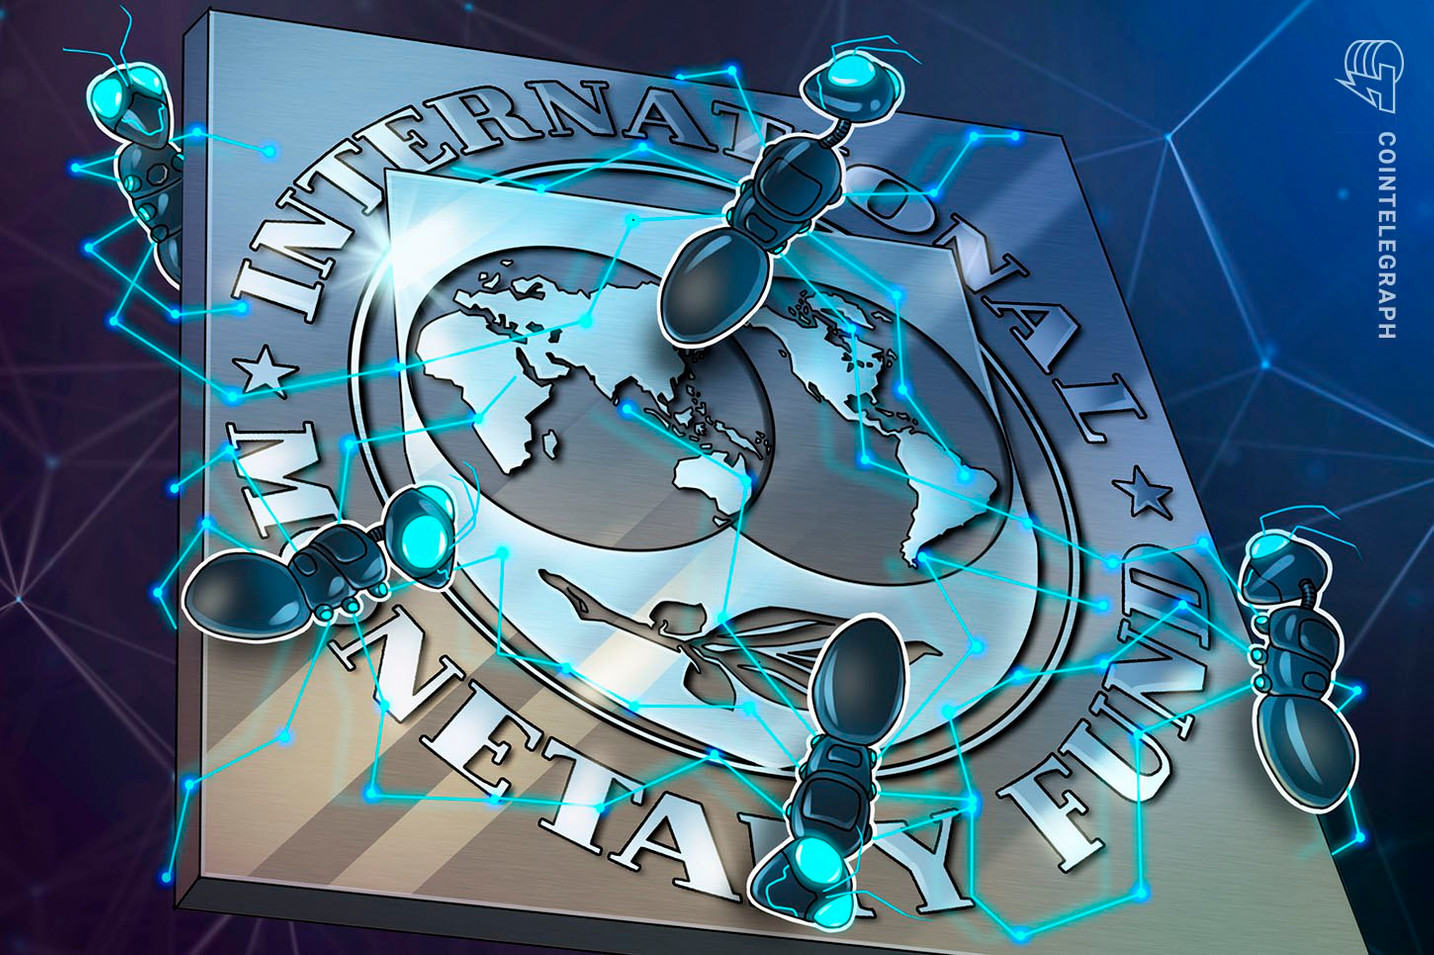 FMI: l'effetto network potrebbe innescare l'adozione in massa del denaro digitale